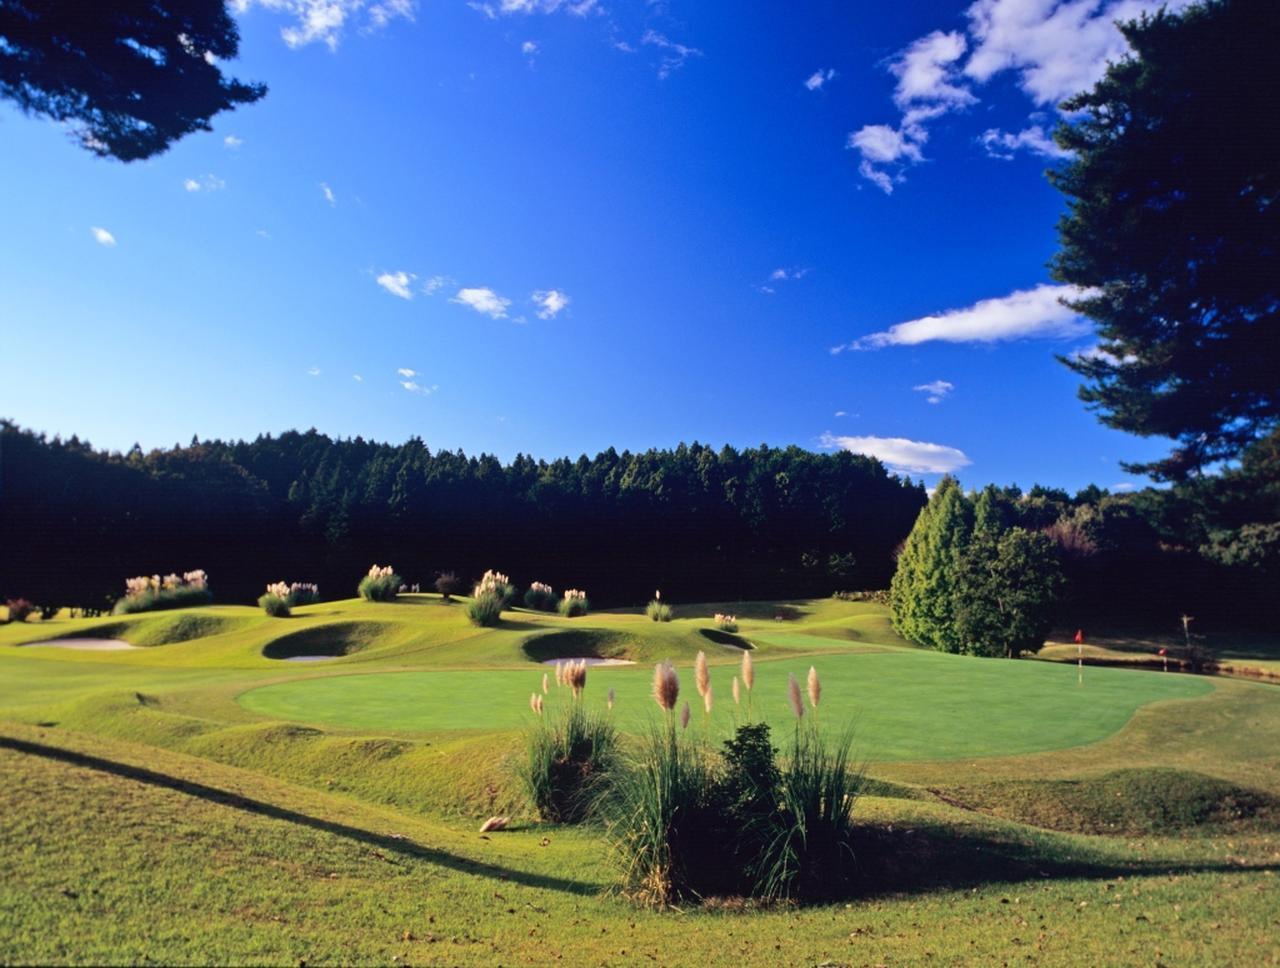 画像: ニュー・セントアンドリュース ゴルフクラブ ジャパン ニューコース(18H・6718Y・P72)、オールドコース(9H・3392Y・P36)